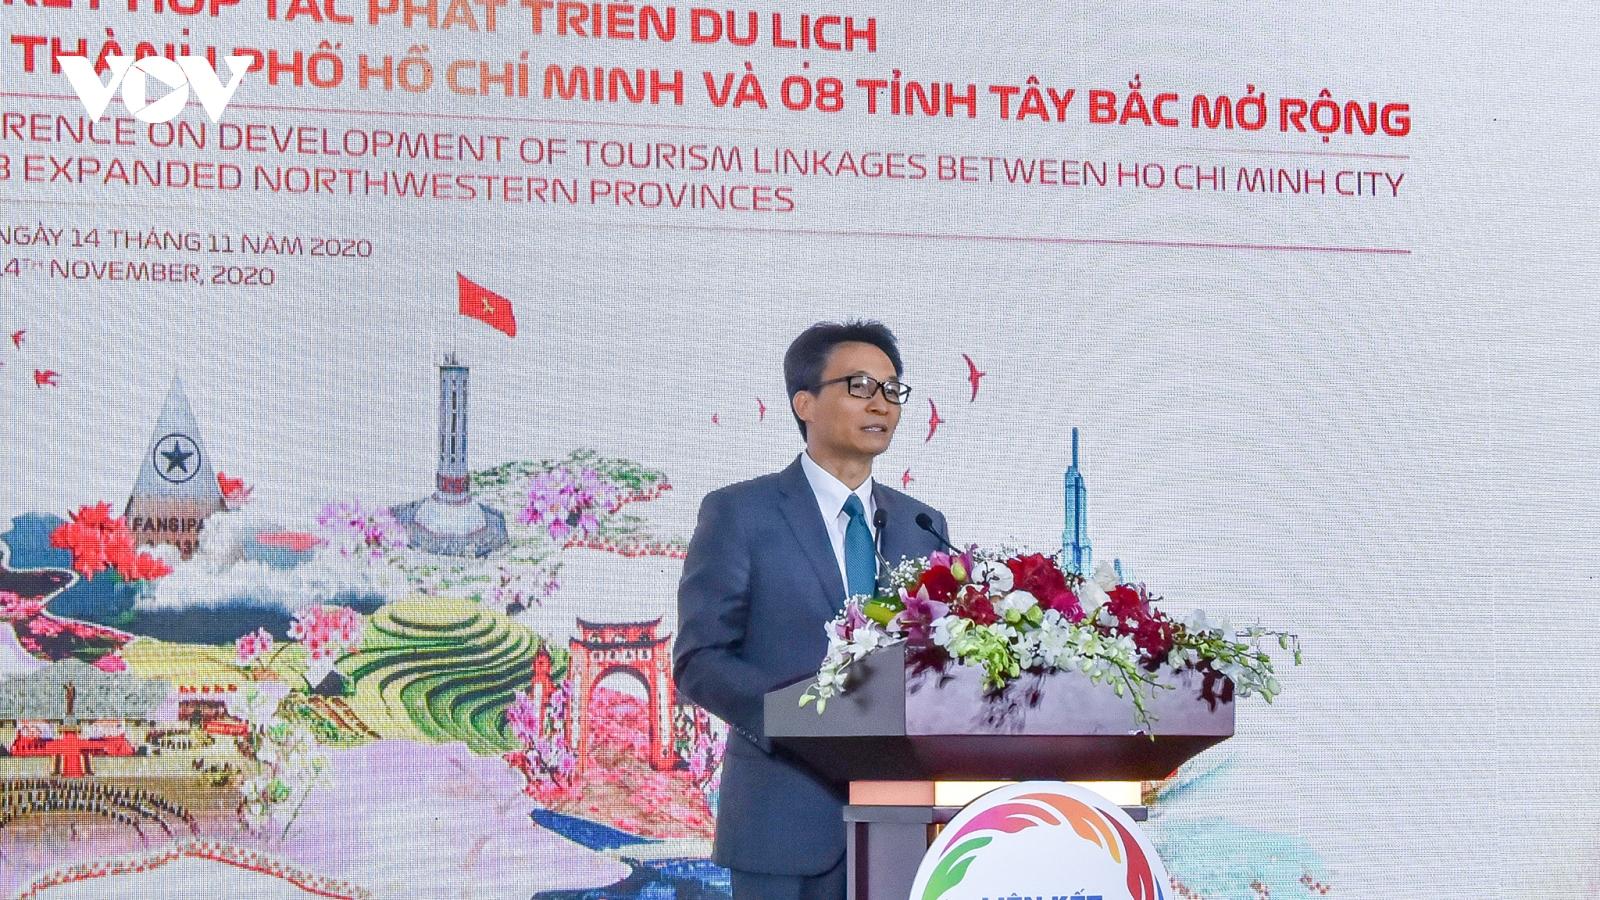 Phó Thủ tướng Vũ Đức Đam: Tạo sức mạnh tổng hợp từ liên kết du lịch TP.HCM và Tây Bắc